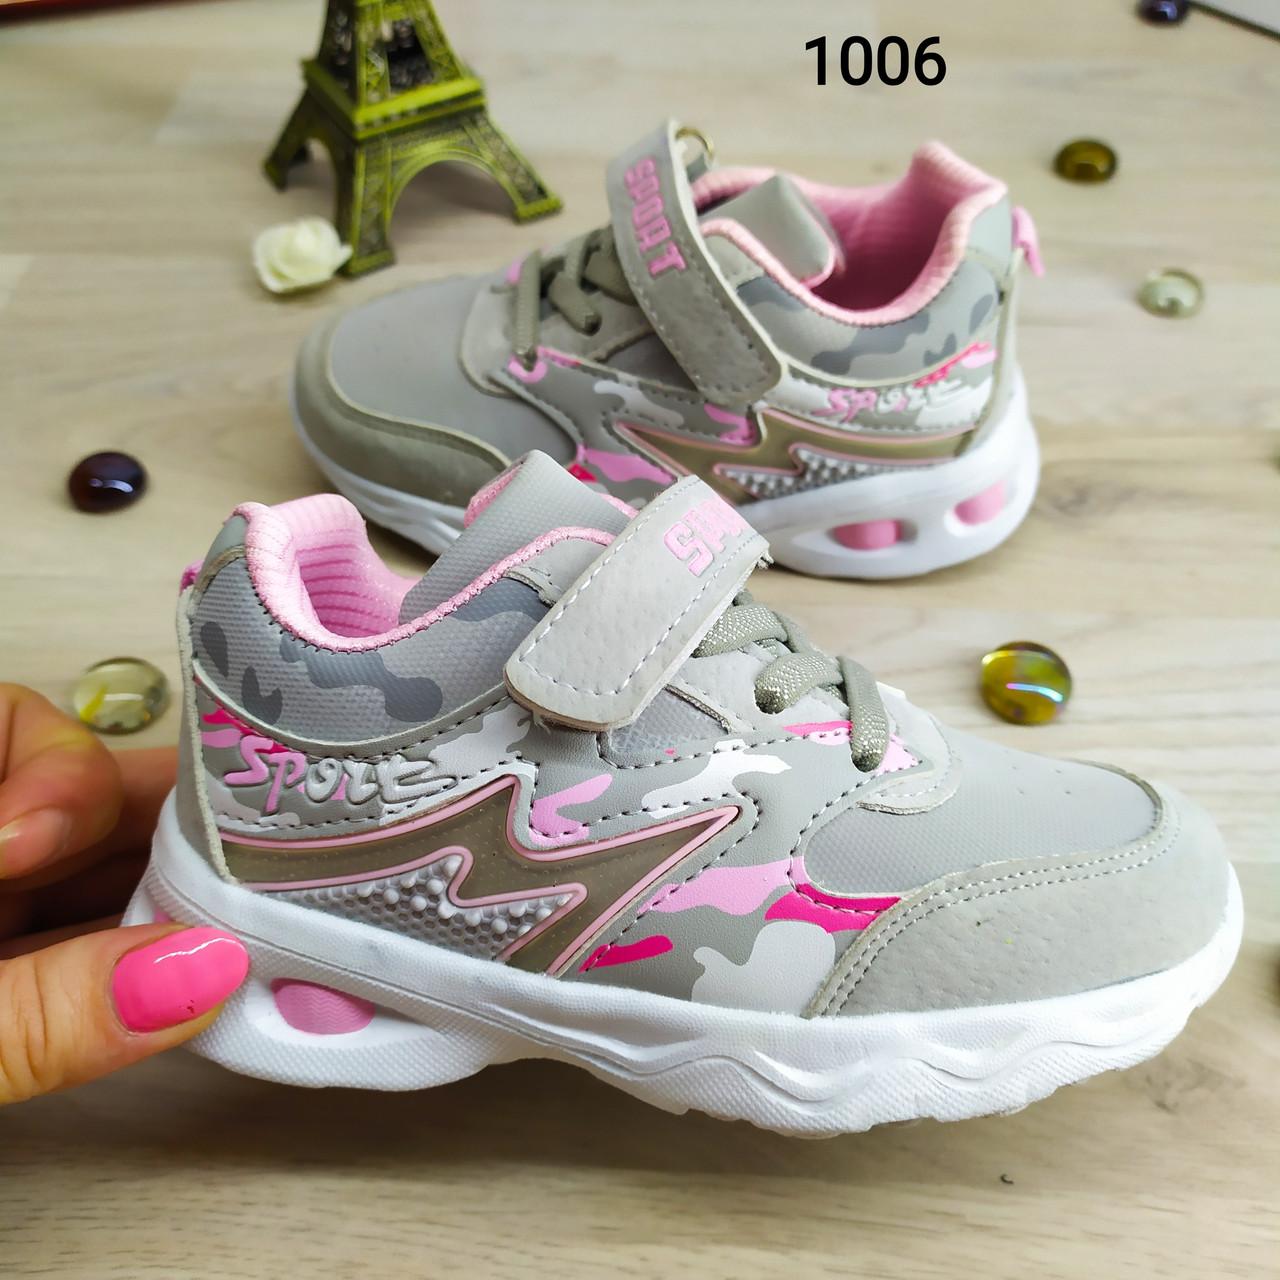 7ea38ed83ae2 Детские кроссовки для девочки, на пенке, очень легкие, красивые - Bigl.ua